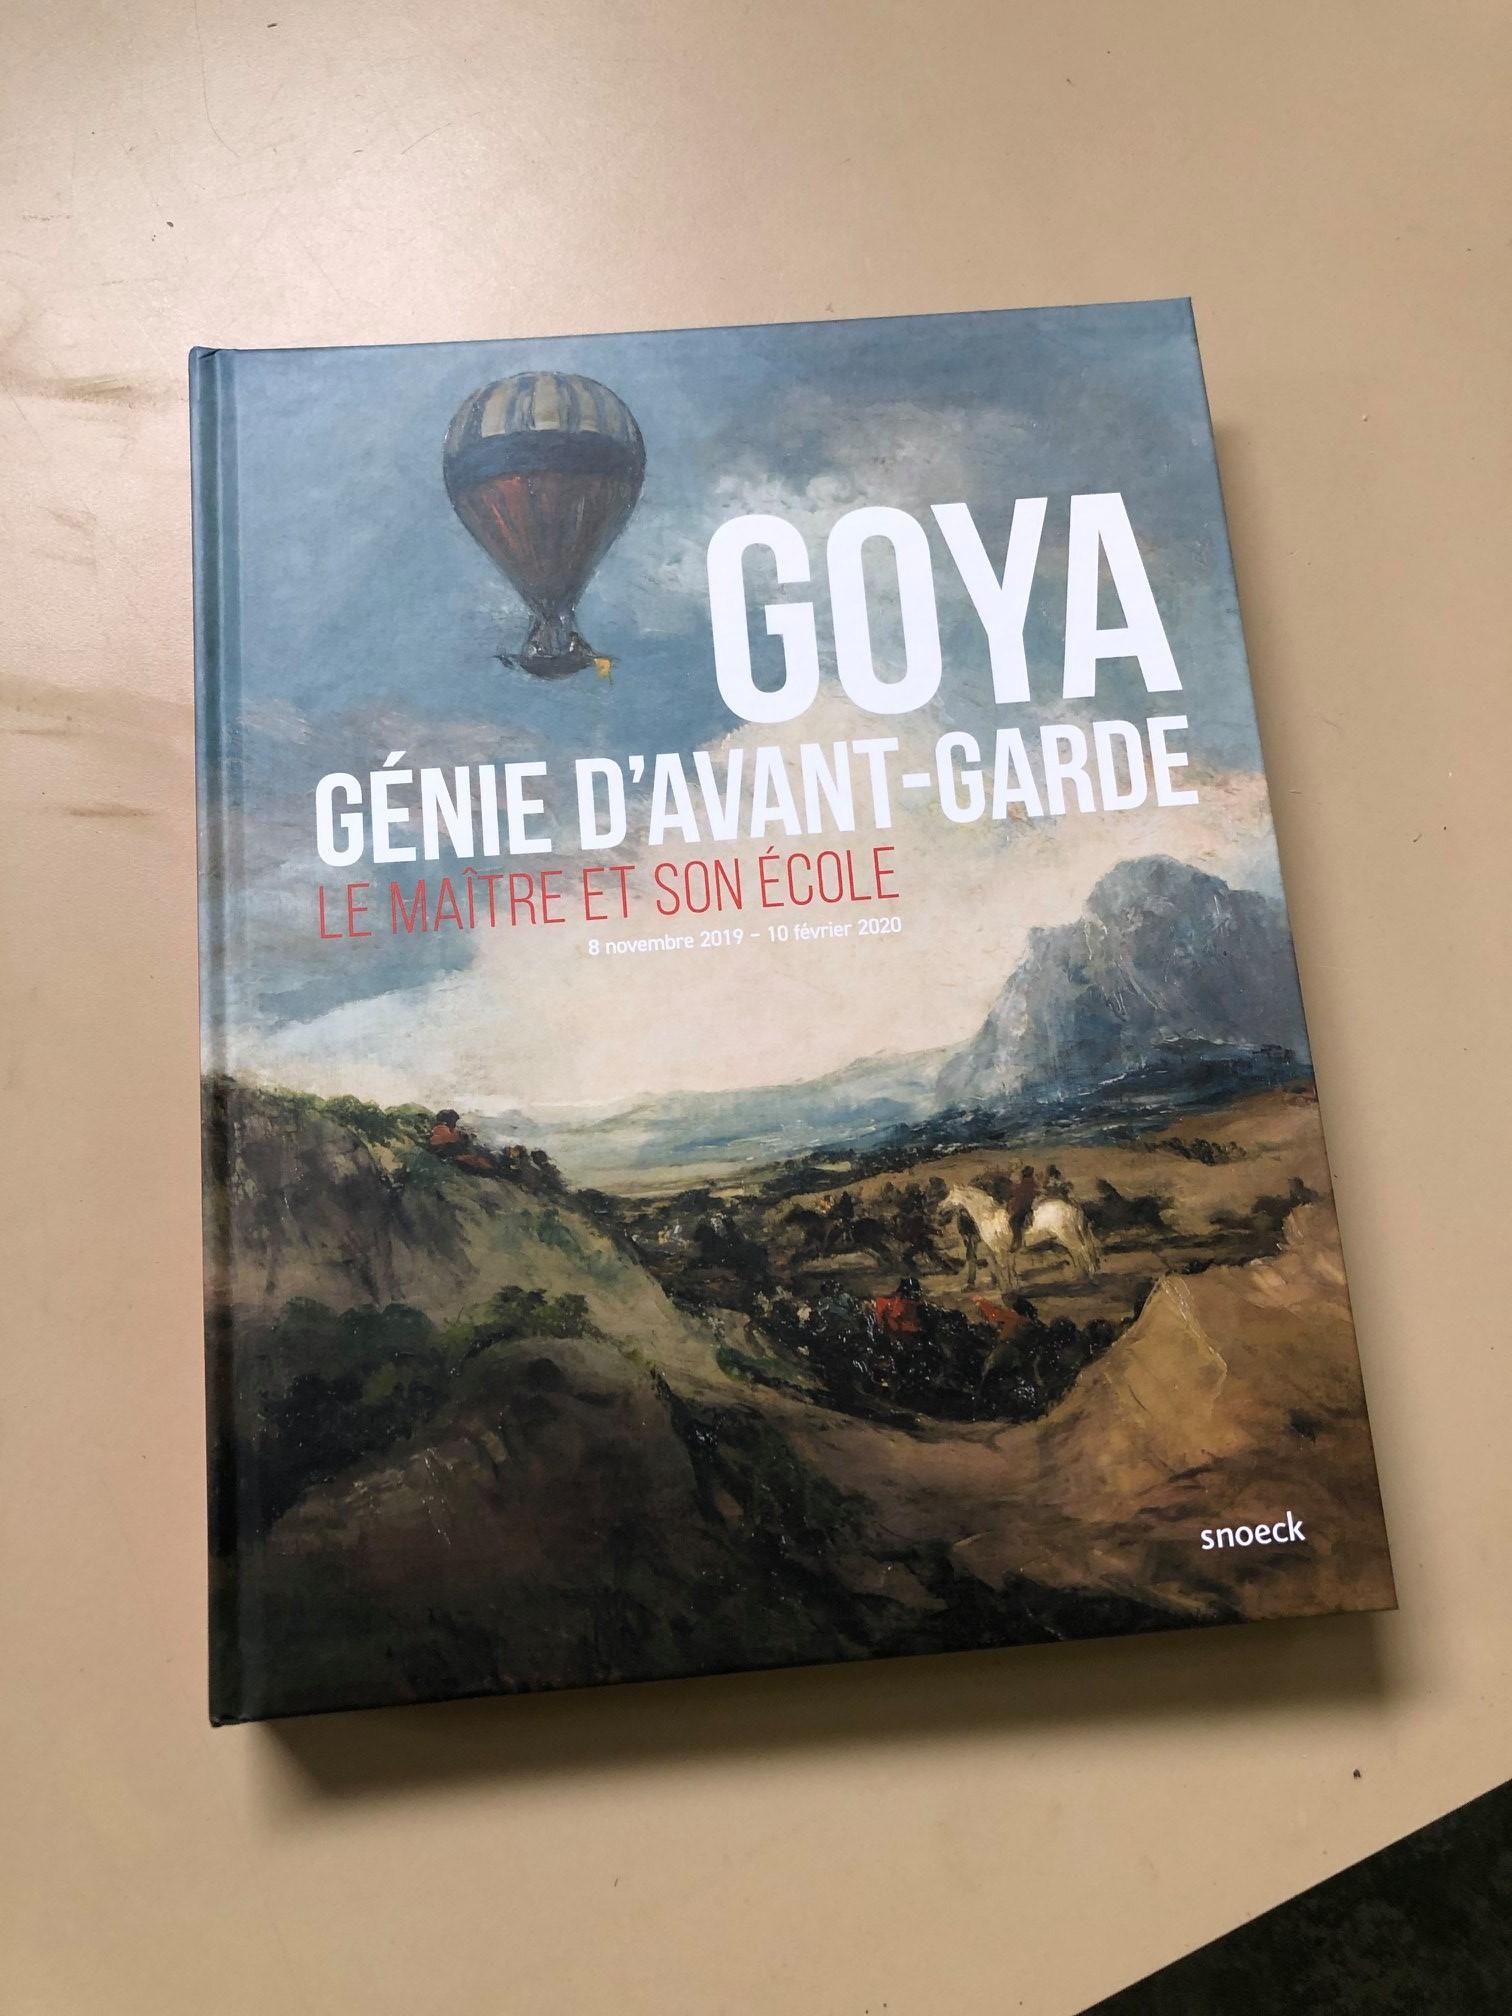 Le Catalogue Goya, bientôt disponible !